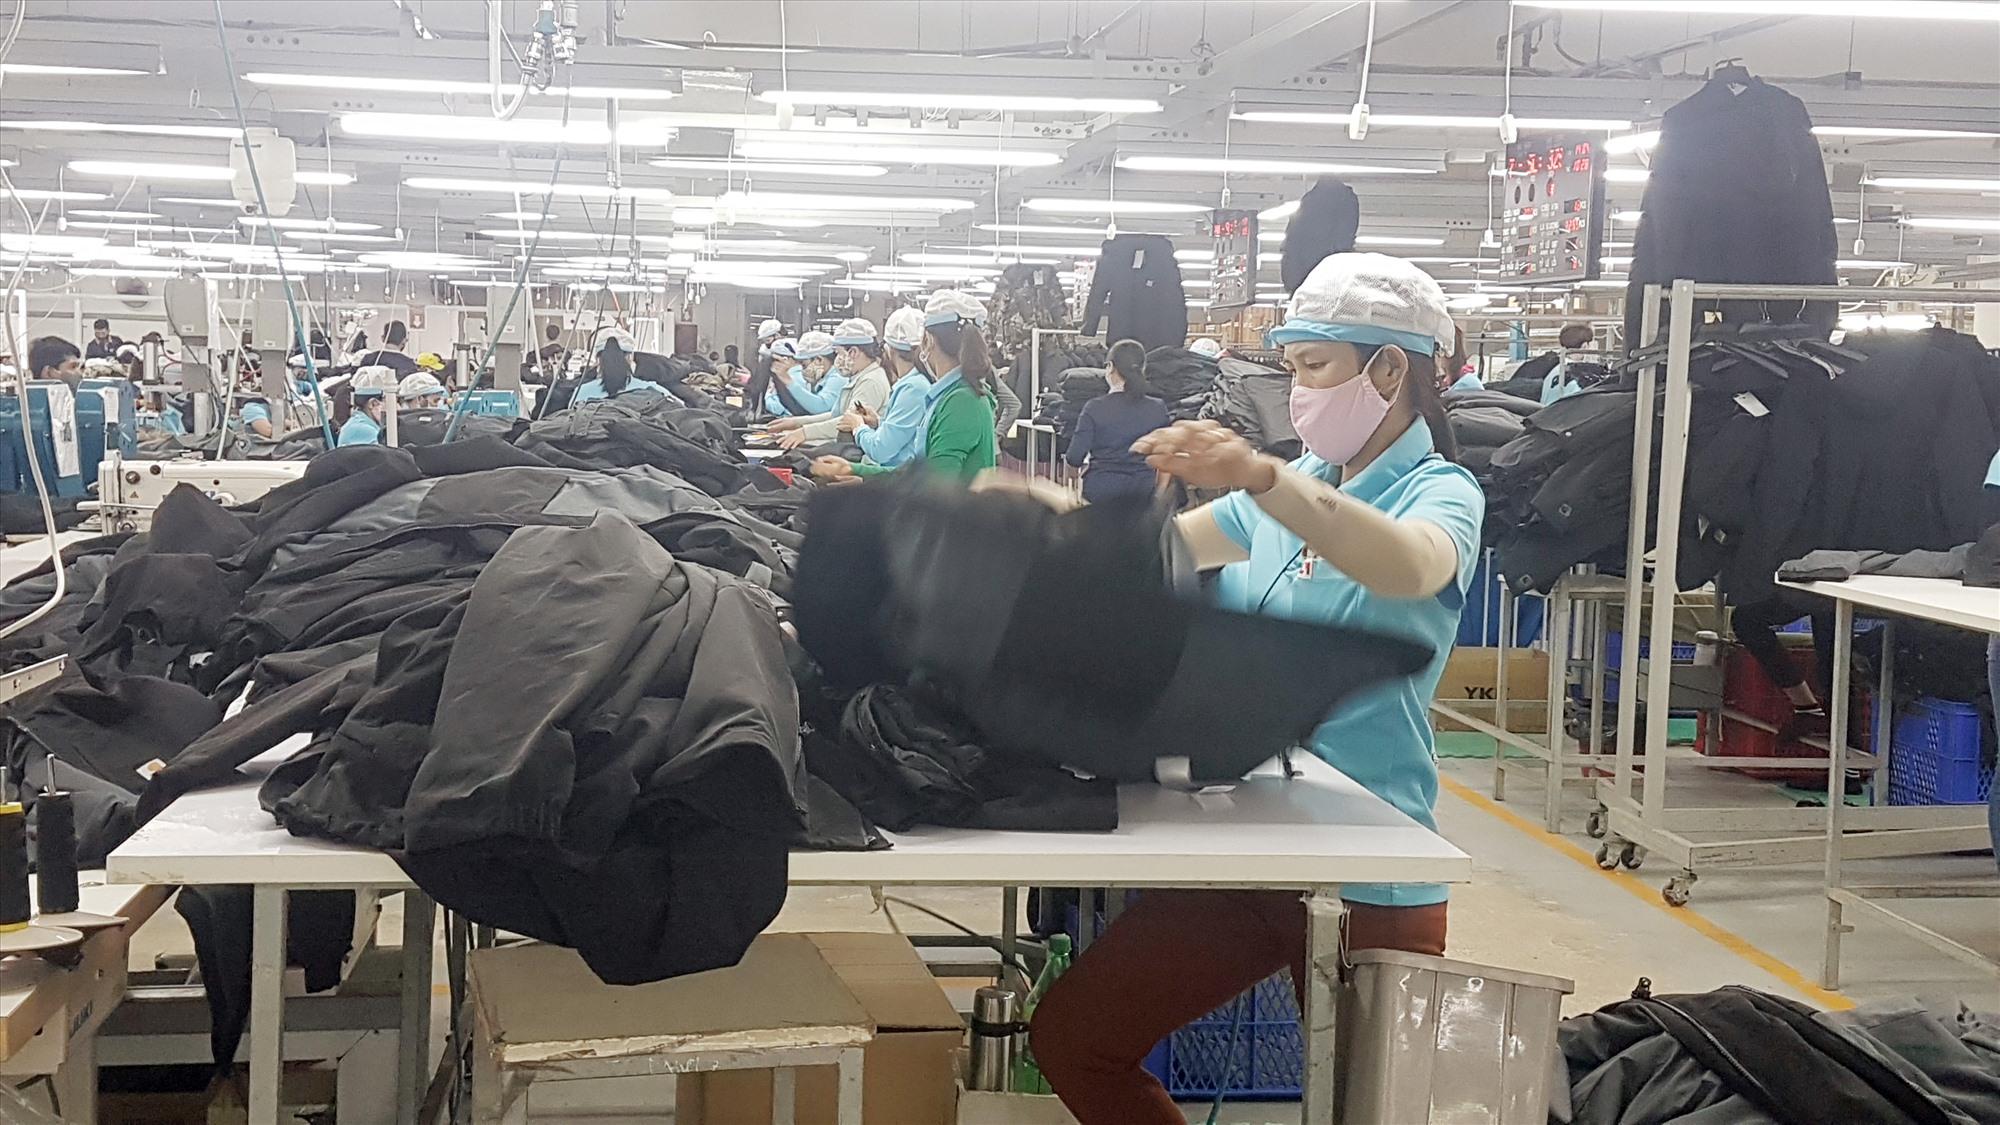 Đảm bảo các biện pháp làm việc an toàn cho người lao động trong điều kiện dịch bệnh phức tạp hết sức cần thiết. Ảnh: D.L